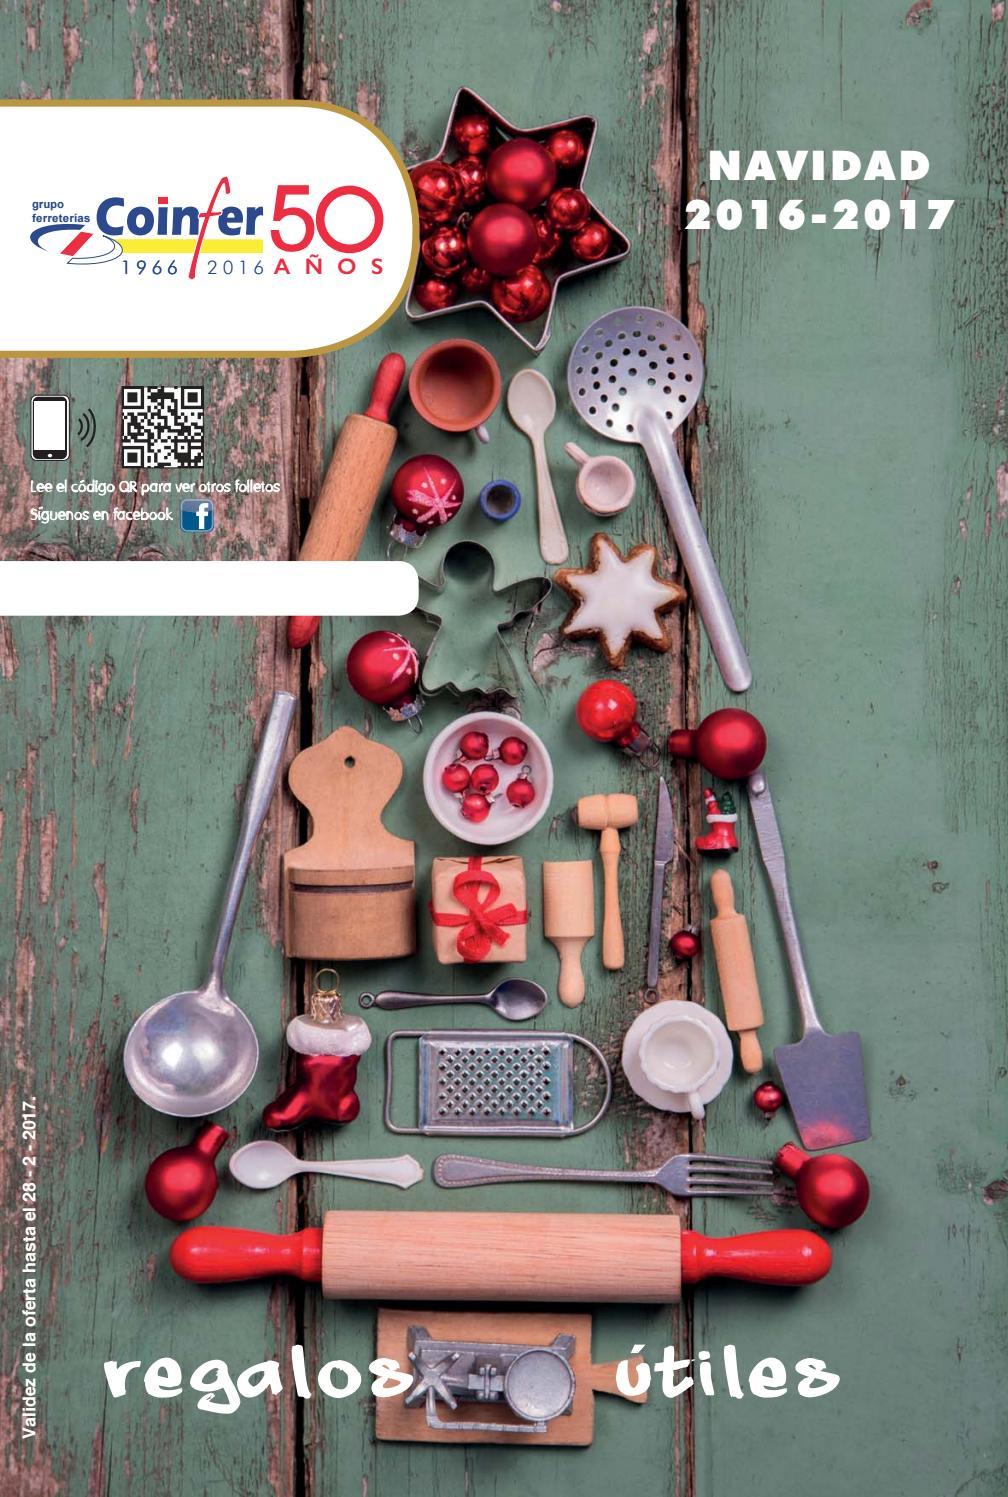 Navidad Jaype 2016 by elkoloqui - issuu